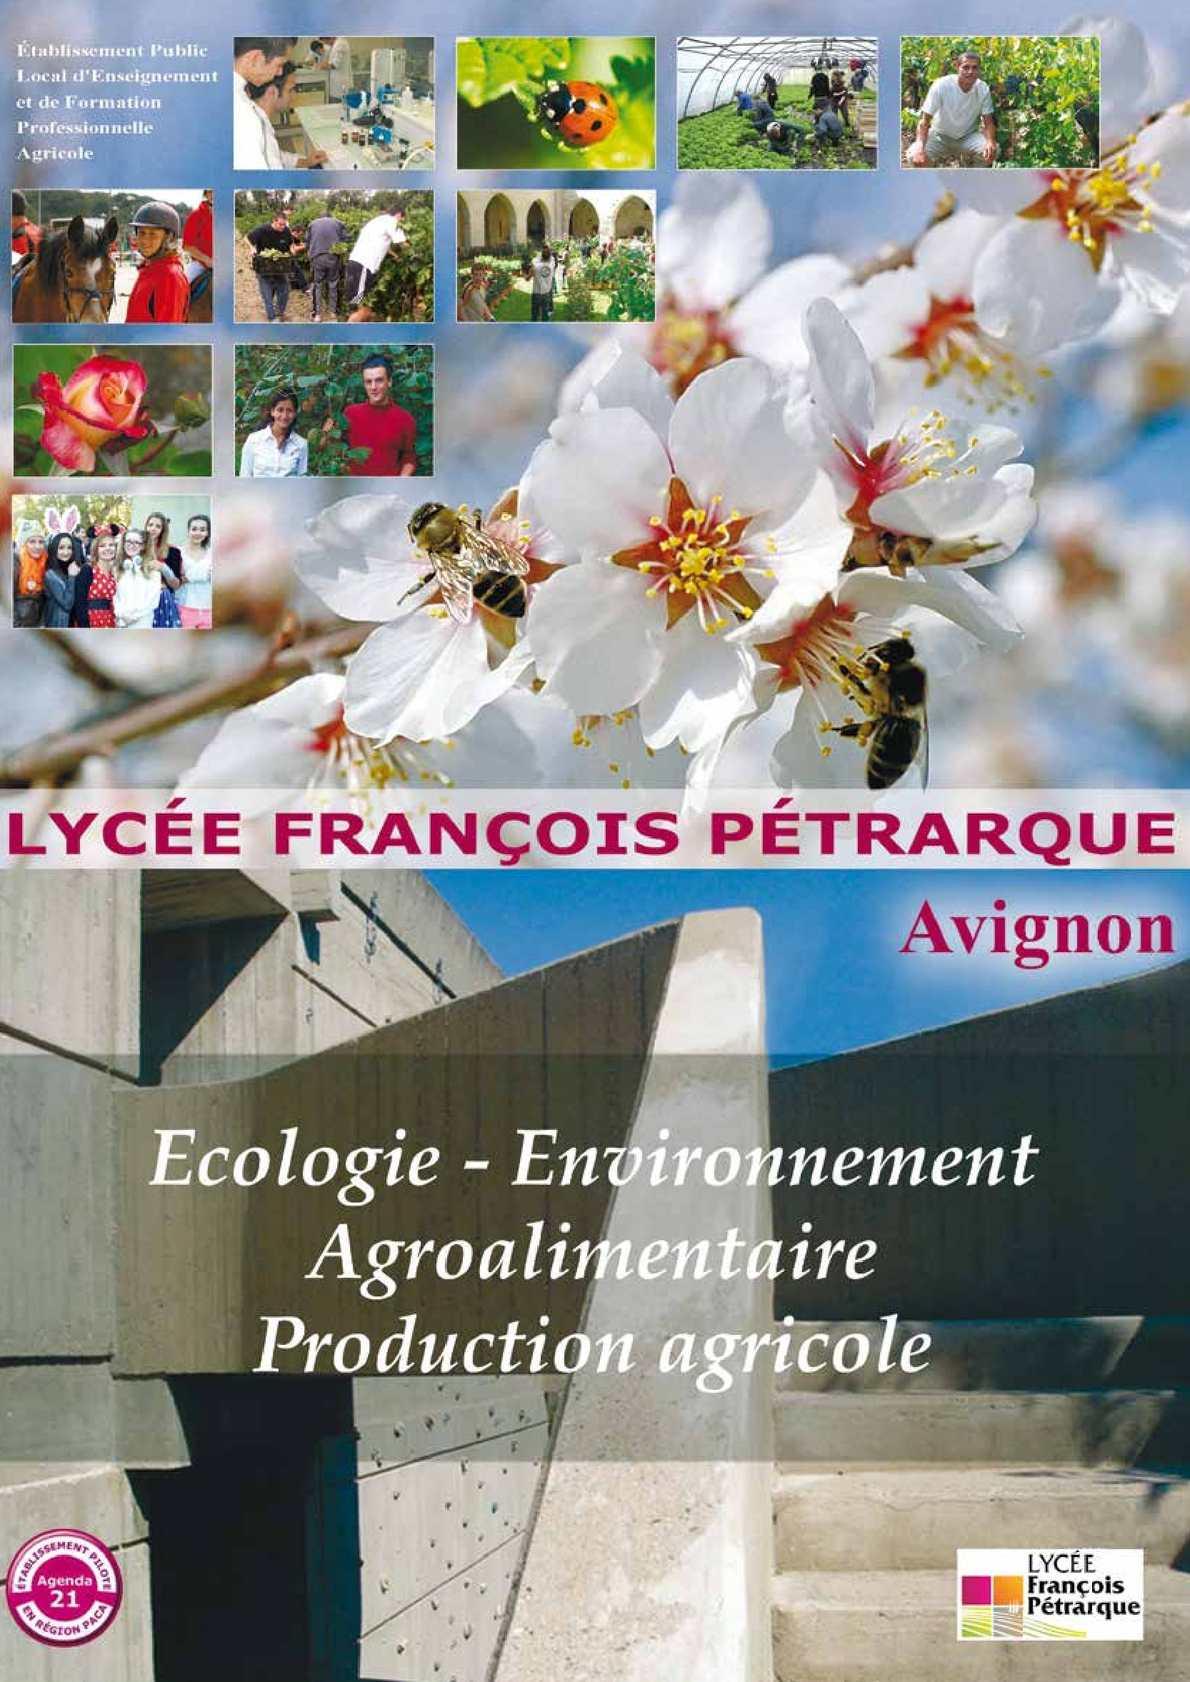 Calam o plaquette d 39 information du lyc e fran ois - Chambre agriculture avignon ...